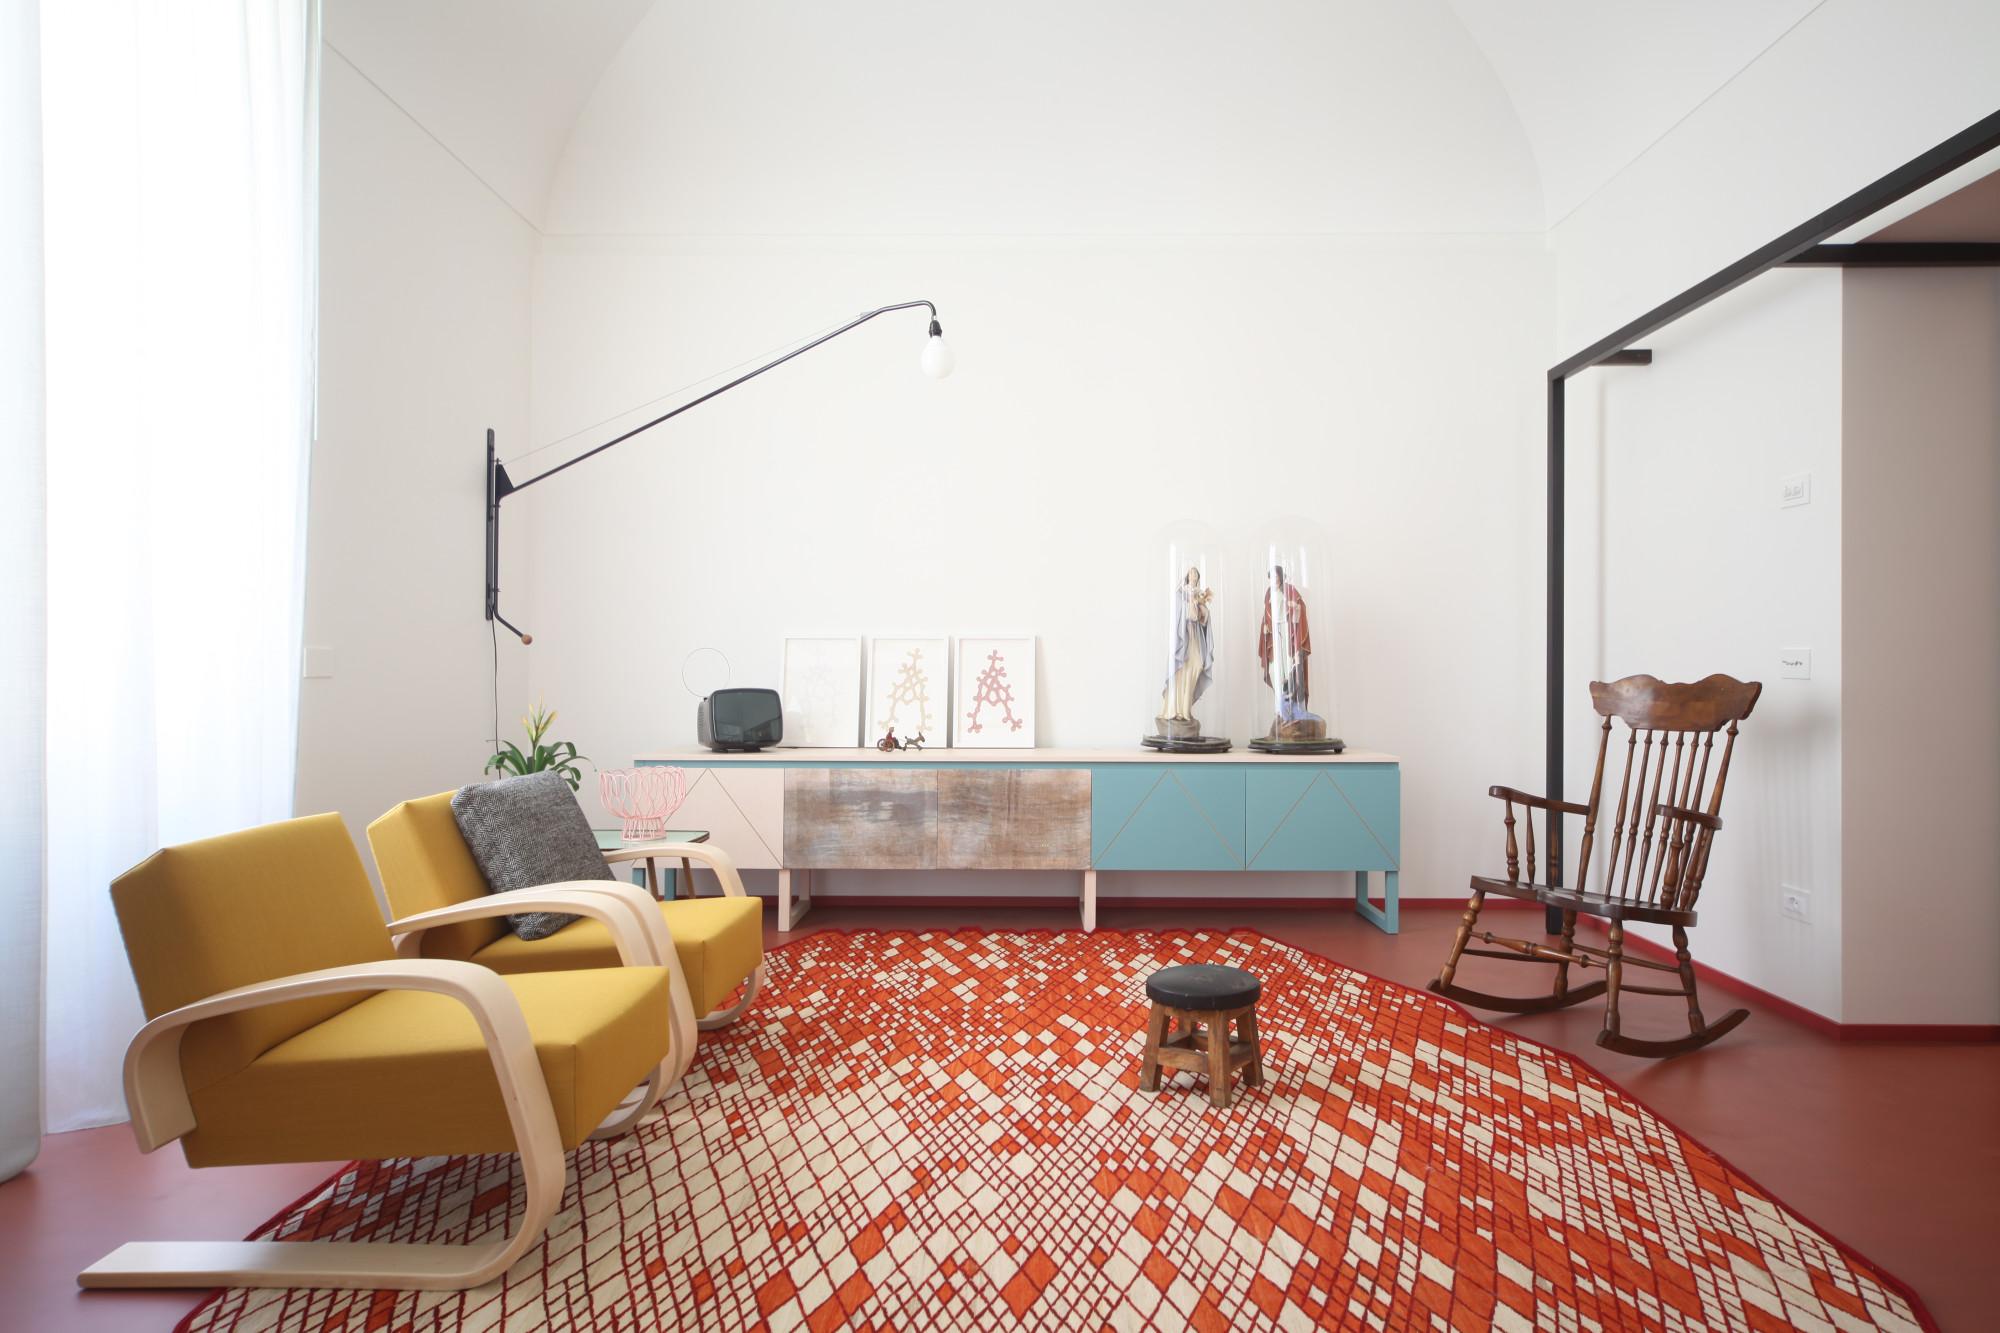 Grand-Tour-Apartment in Bari | Boden | Wohnen | Baunetz_Wissen